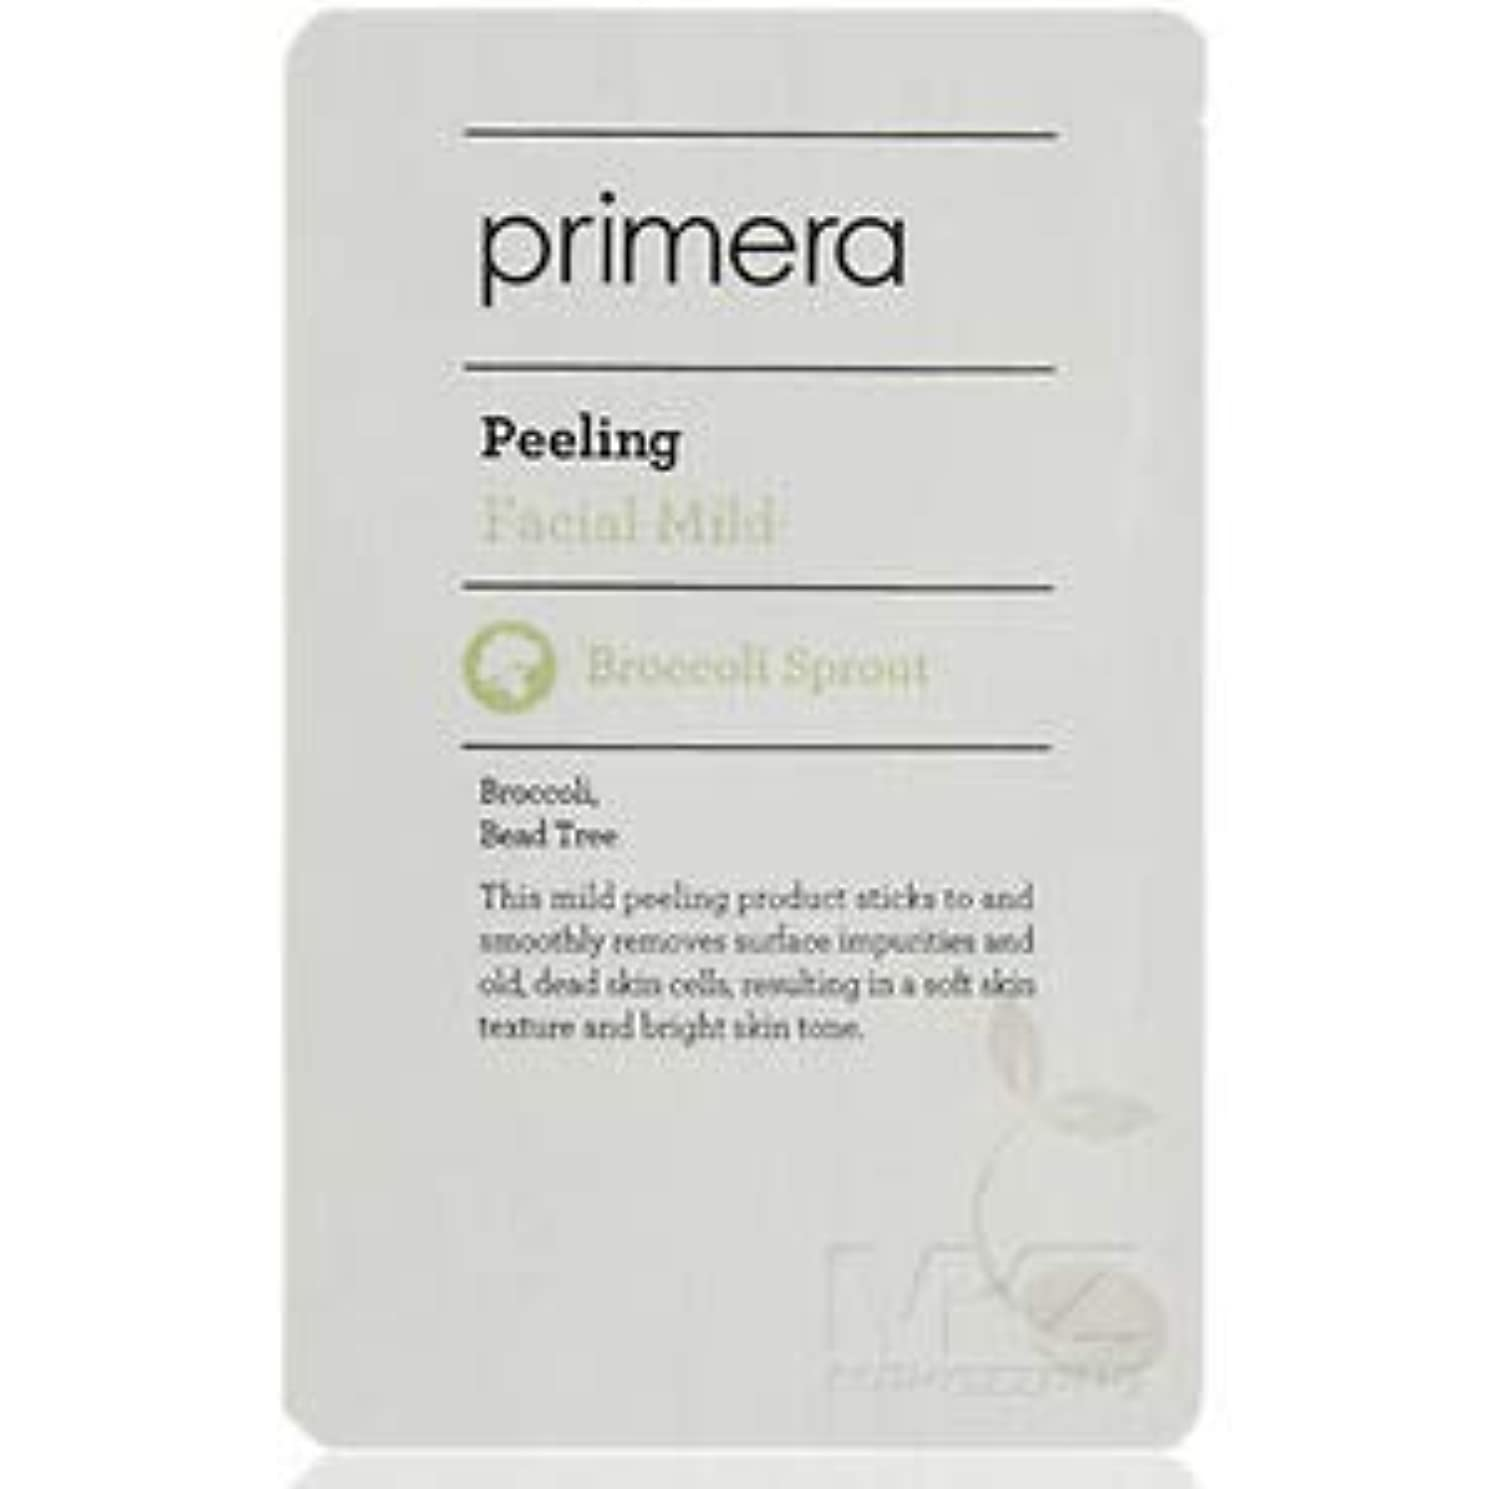 ふくろう通貨おもしろいPrimera facial mild peeling sample20EA [並行輸入品]